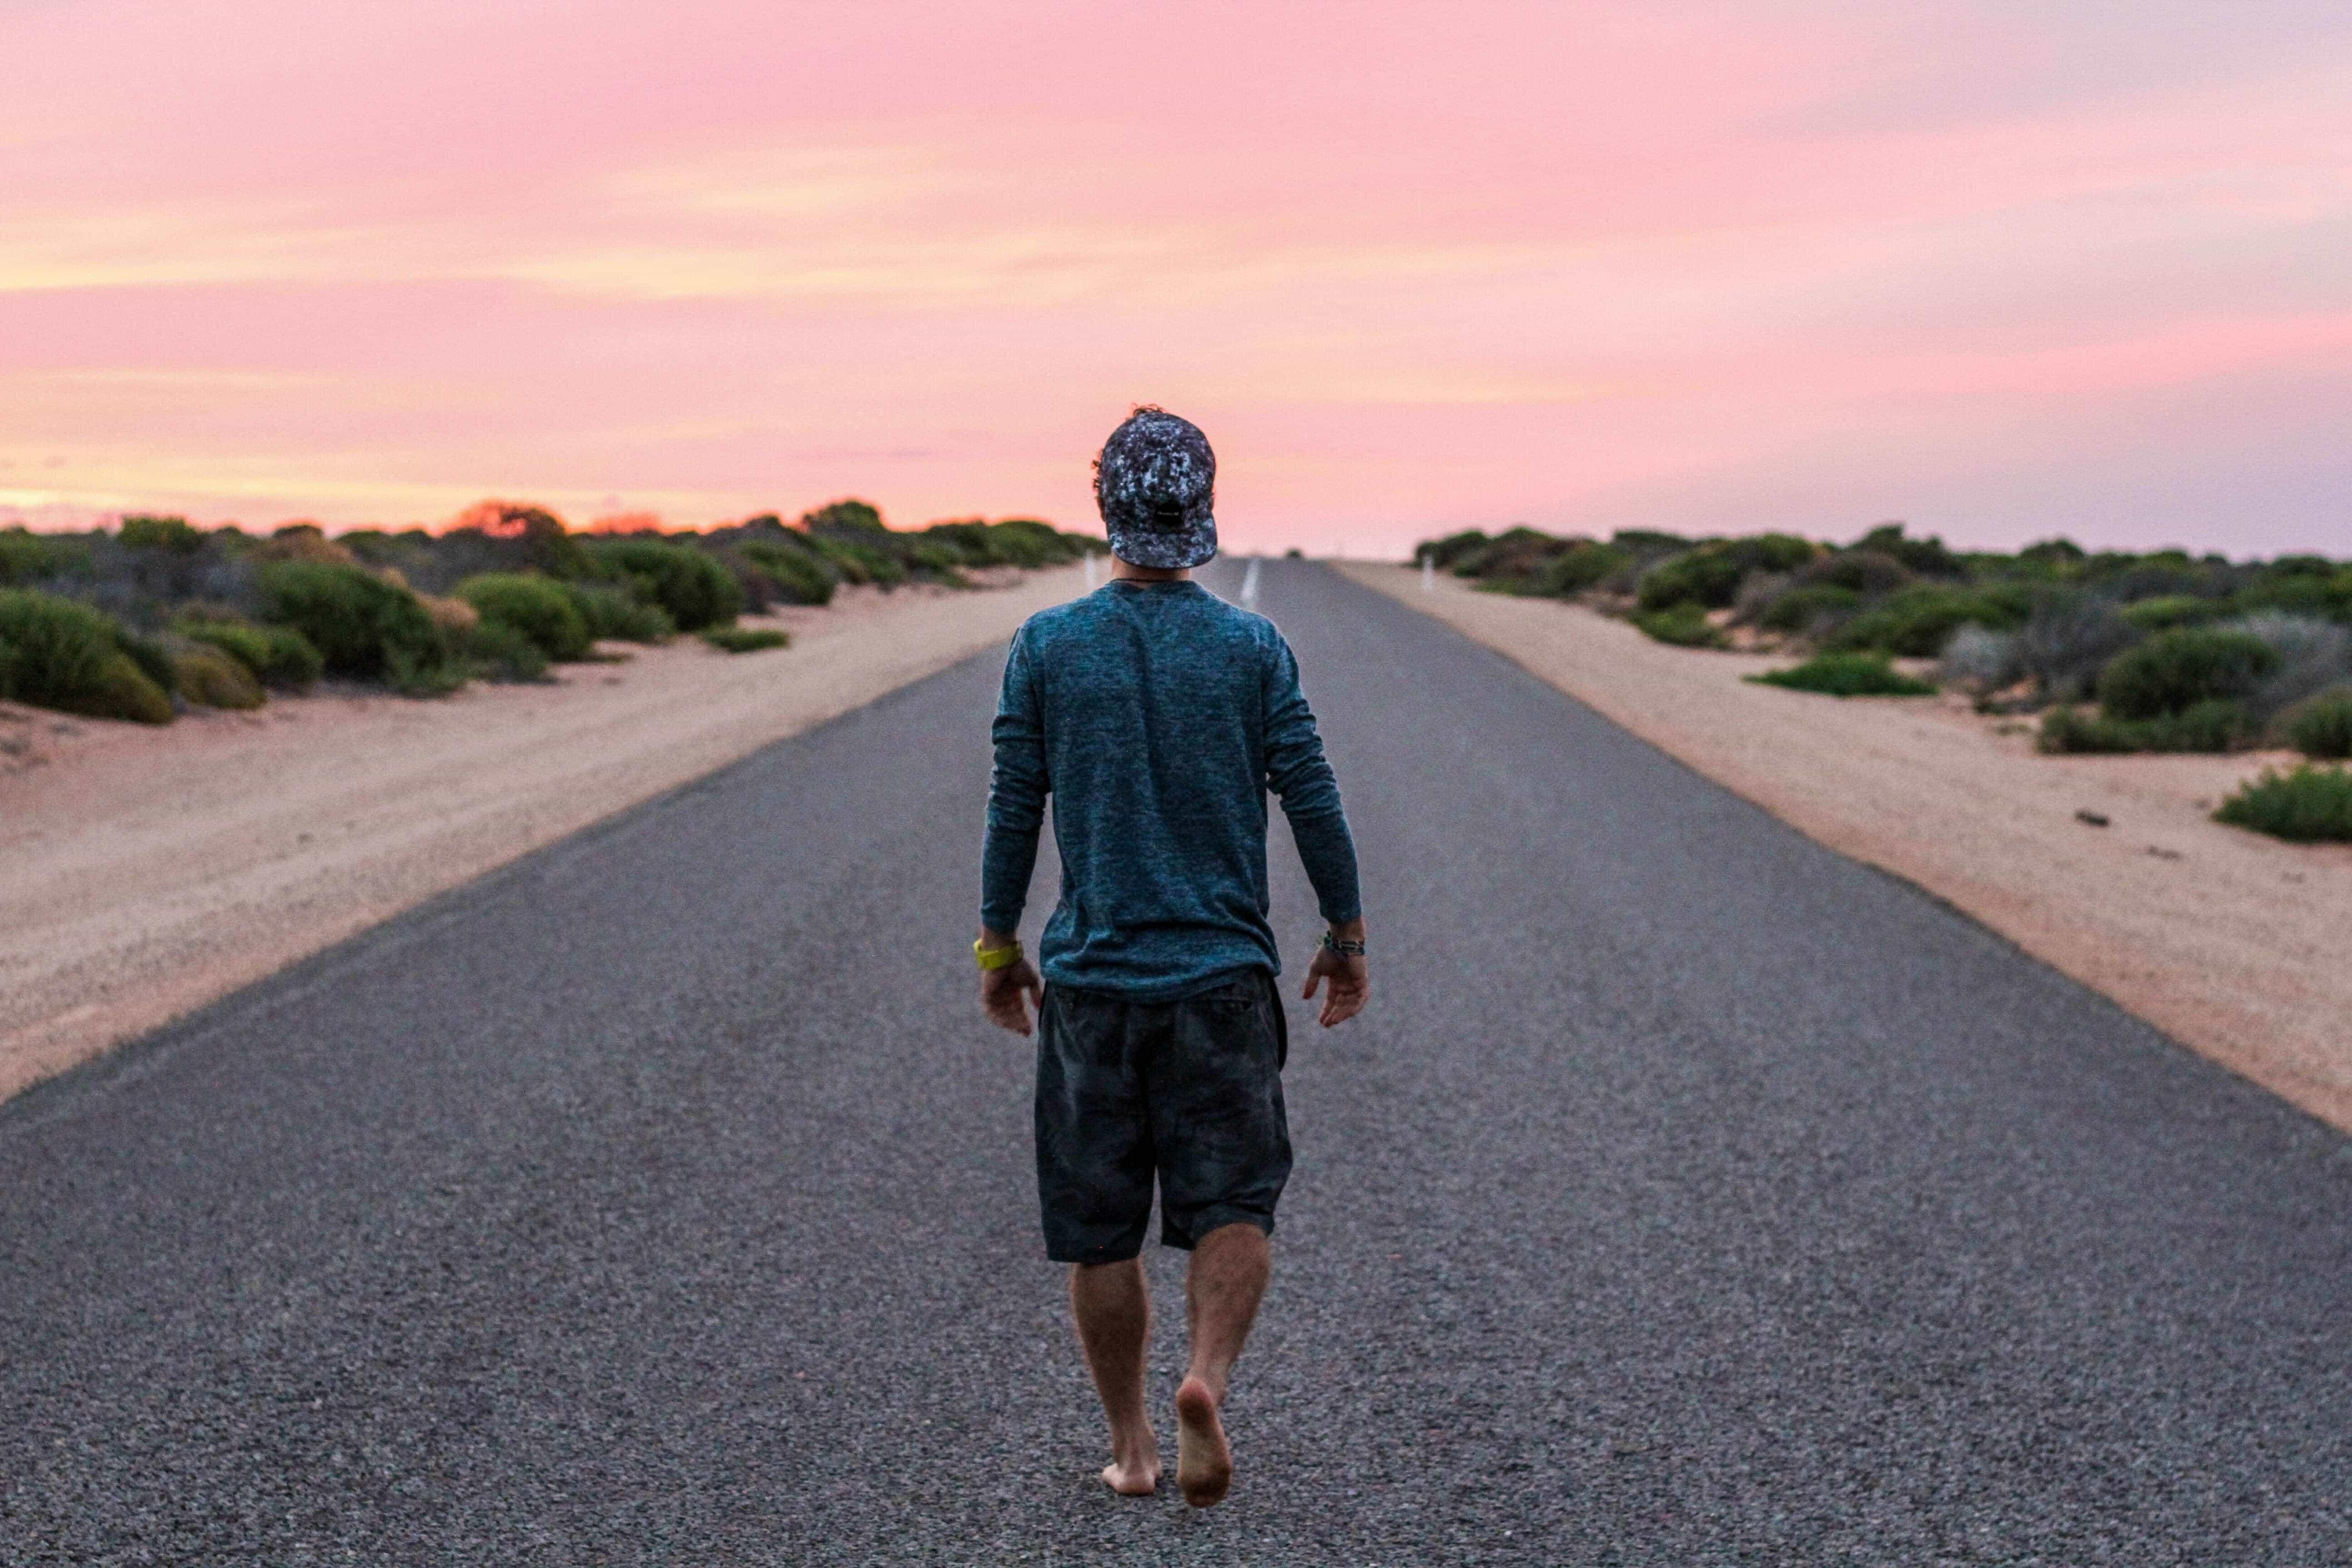 Imagen de un joven caminando simula oportunidades laborales, vitales